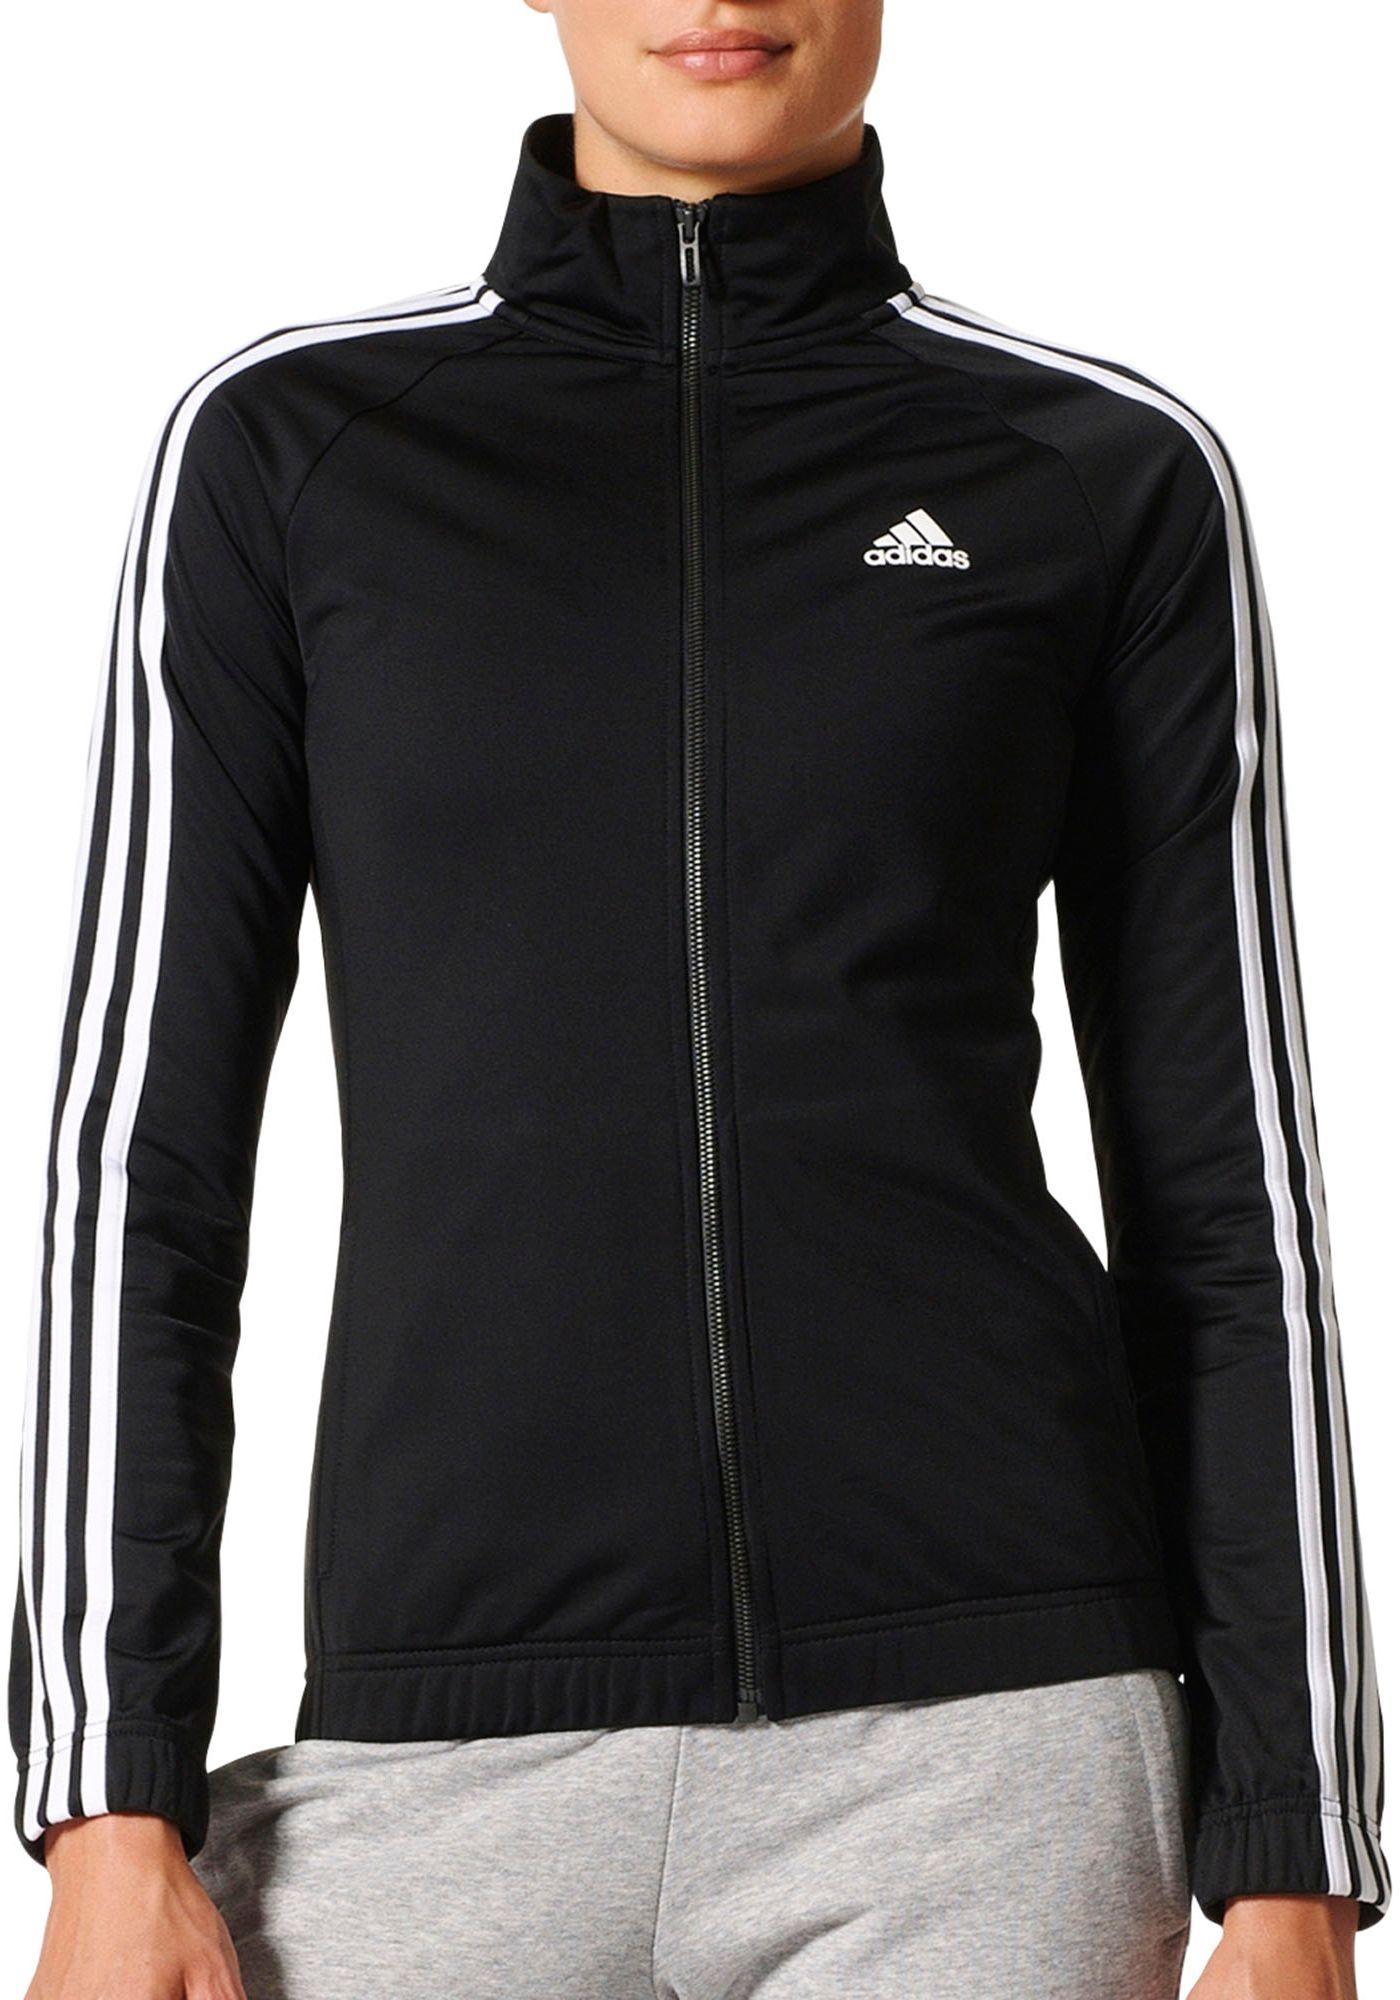 adidas Women's Designed 2 Move Track Jacket